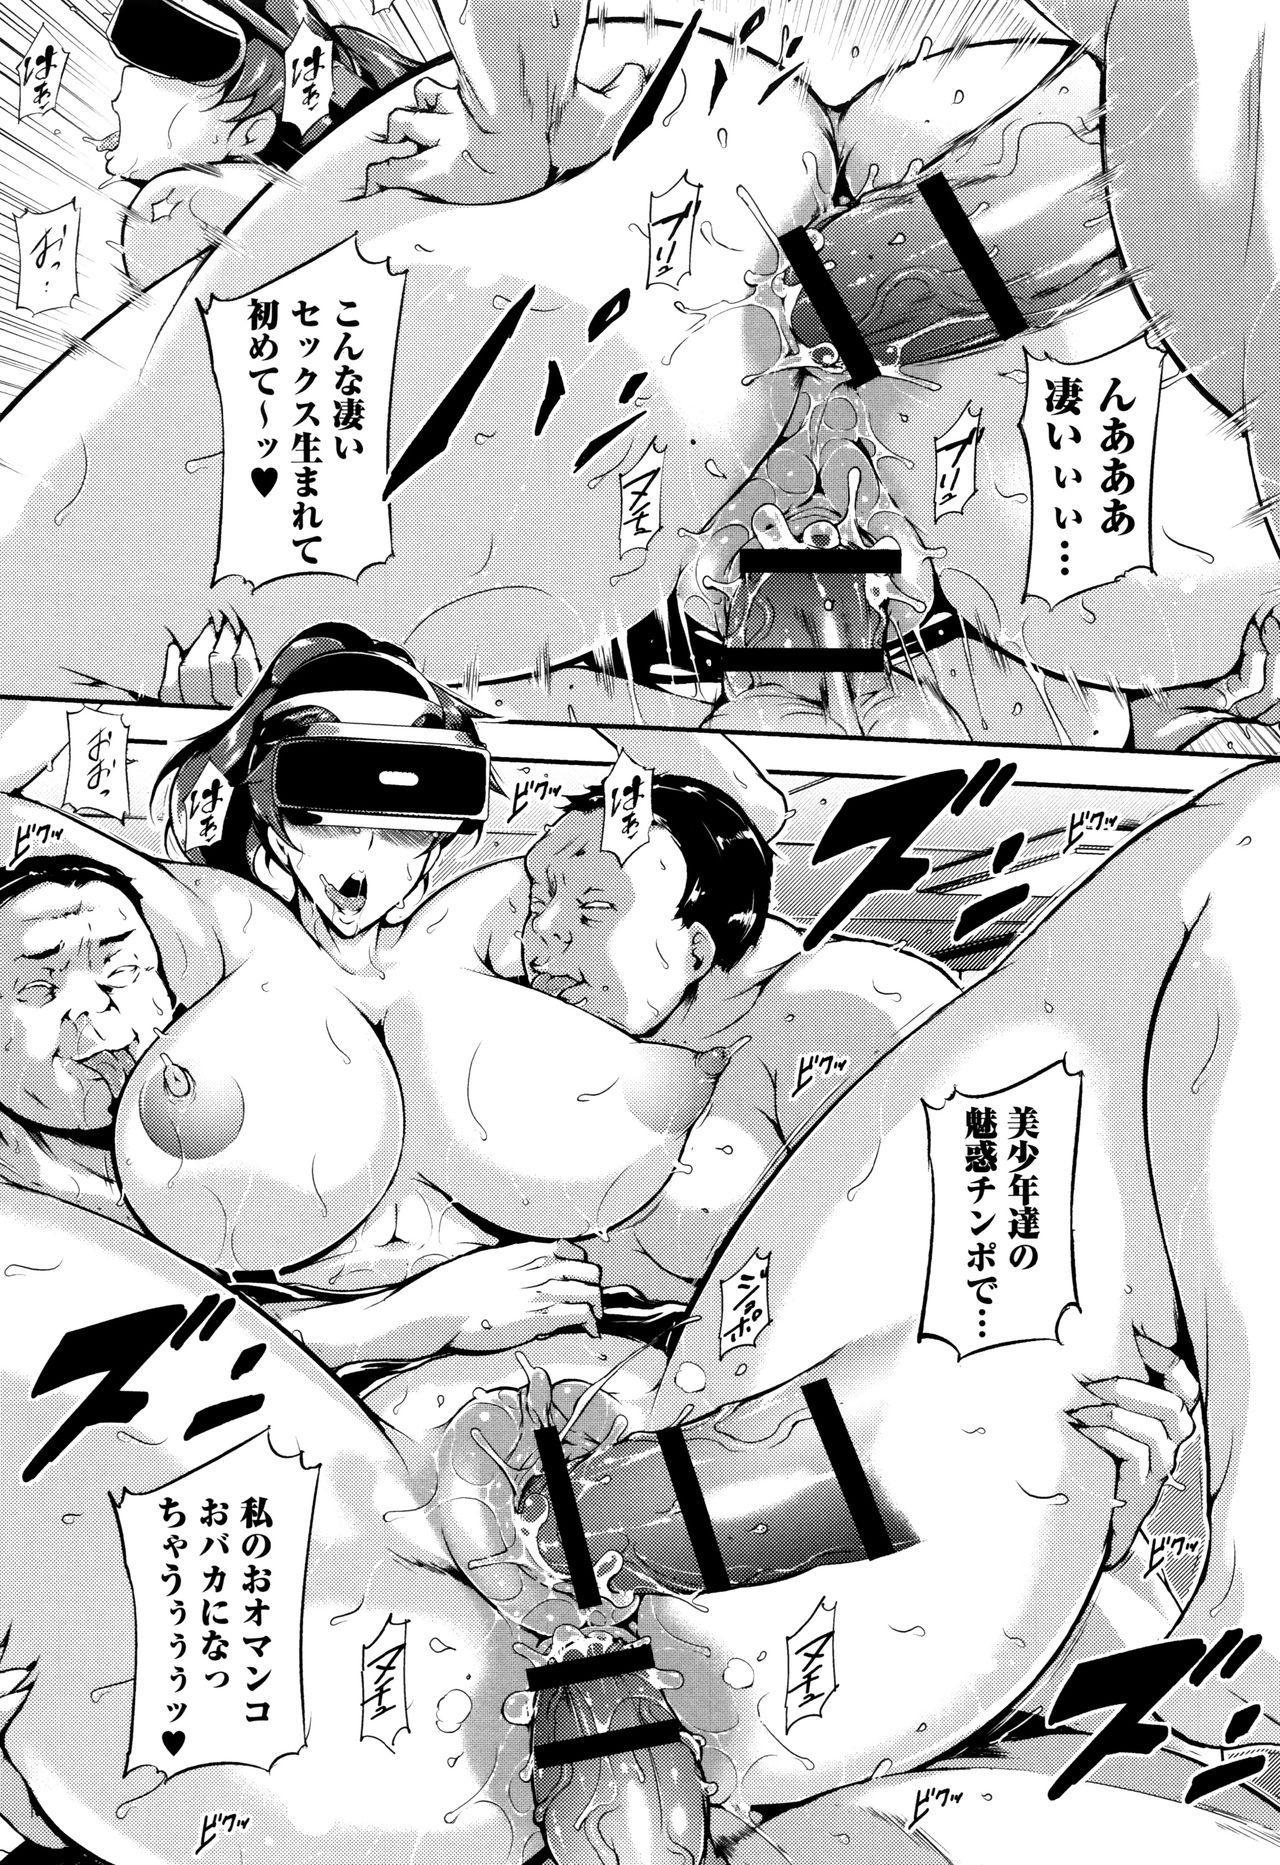 Ero BBA ♥ Dosukebe Ha Sengen 114